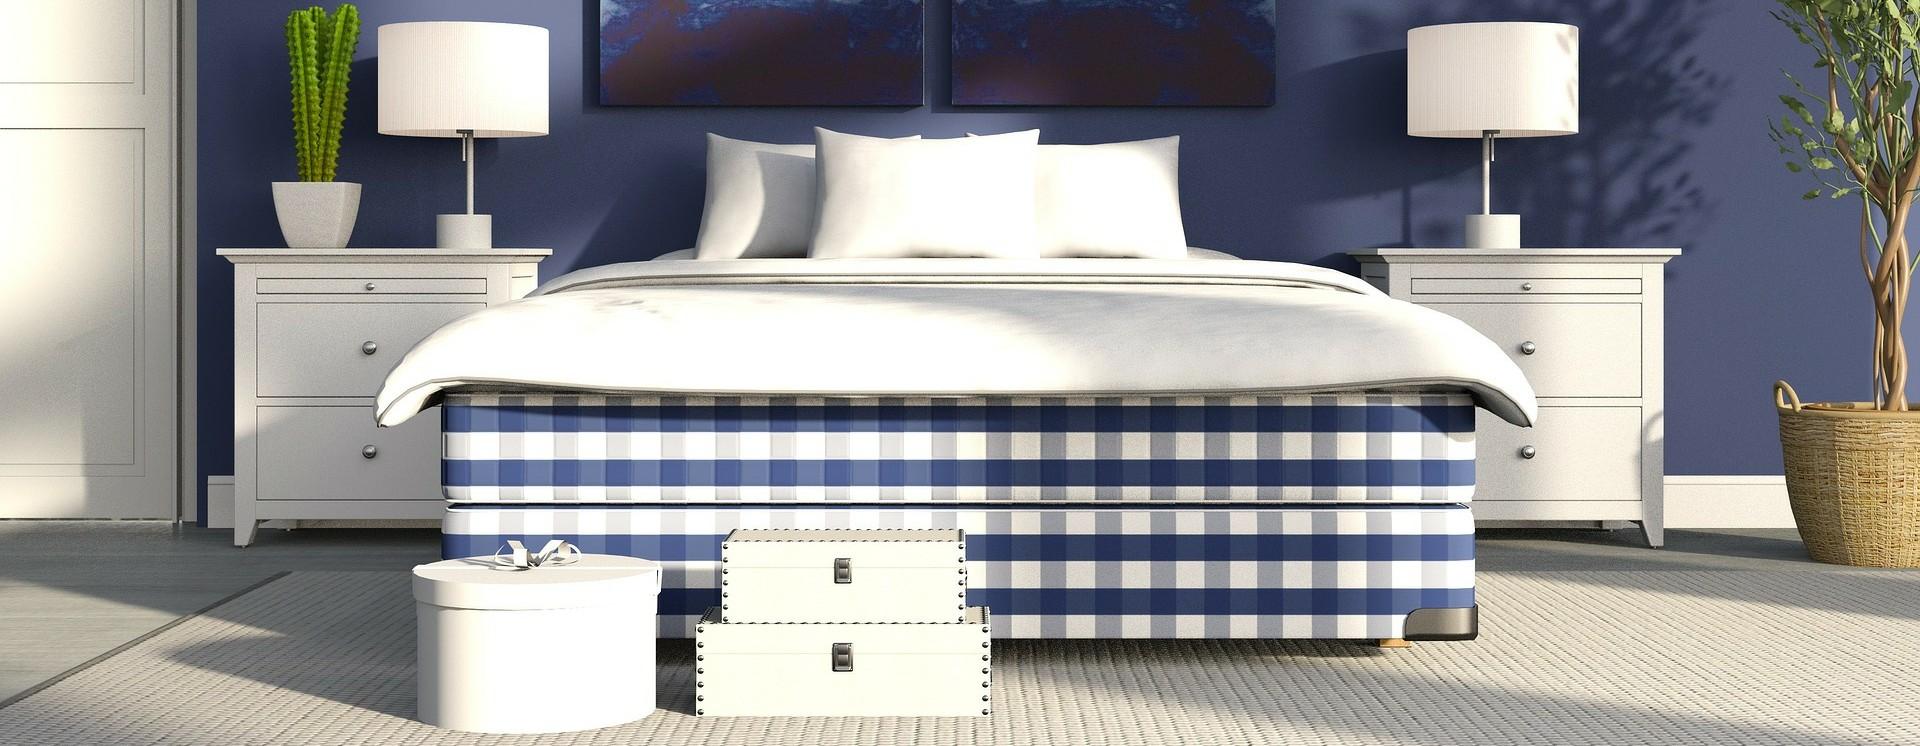 Günstiges Bett - gute Betten mit Lattenroste und Matratzen ...